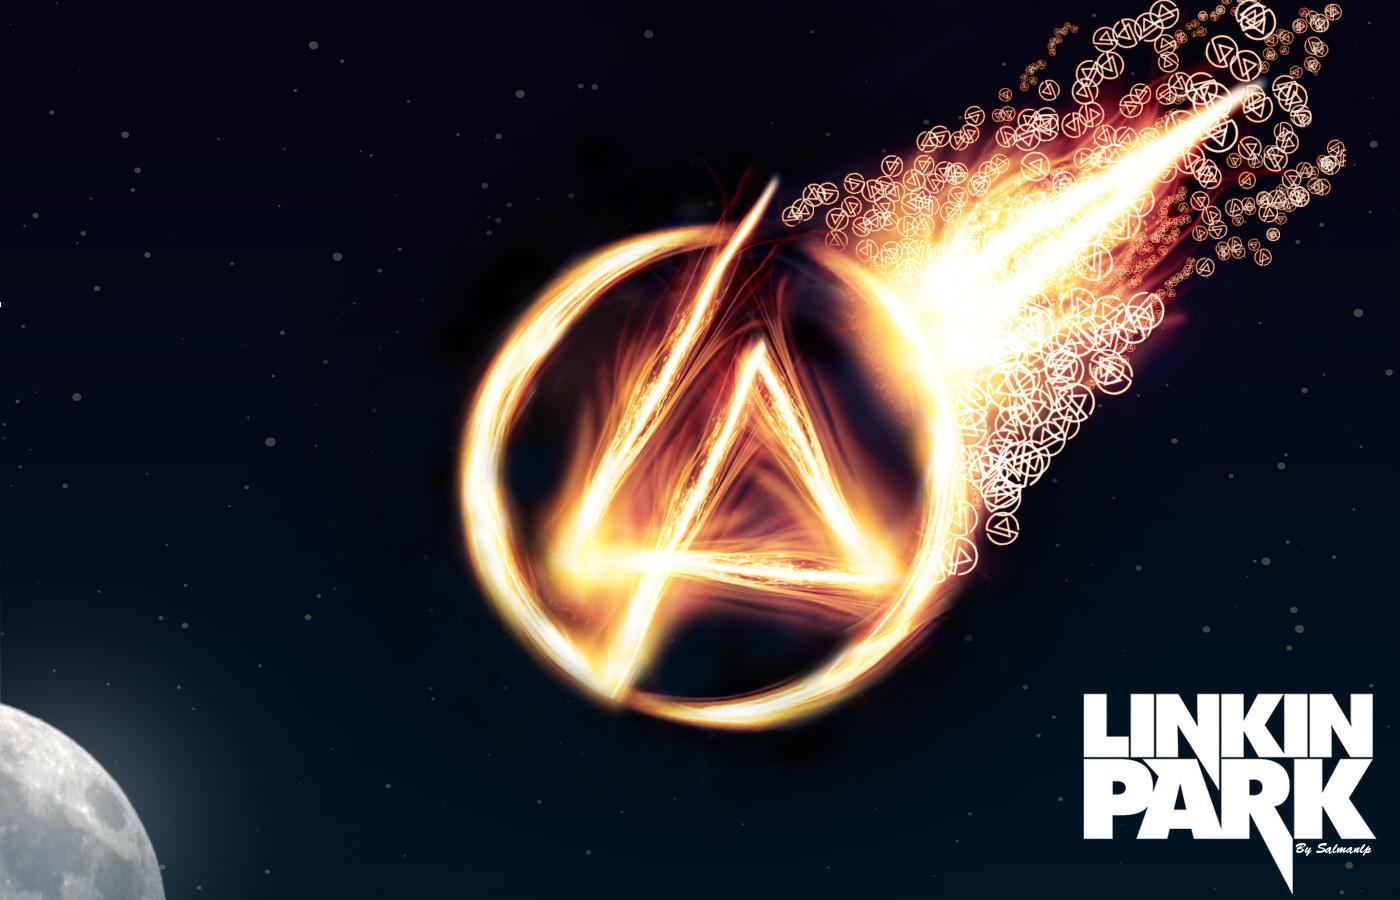 Linkin Park Underground Wallpaper Linkinpark Underground e